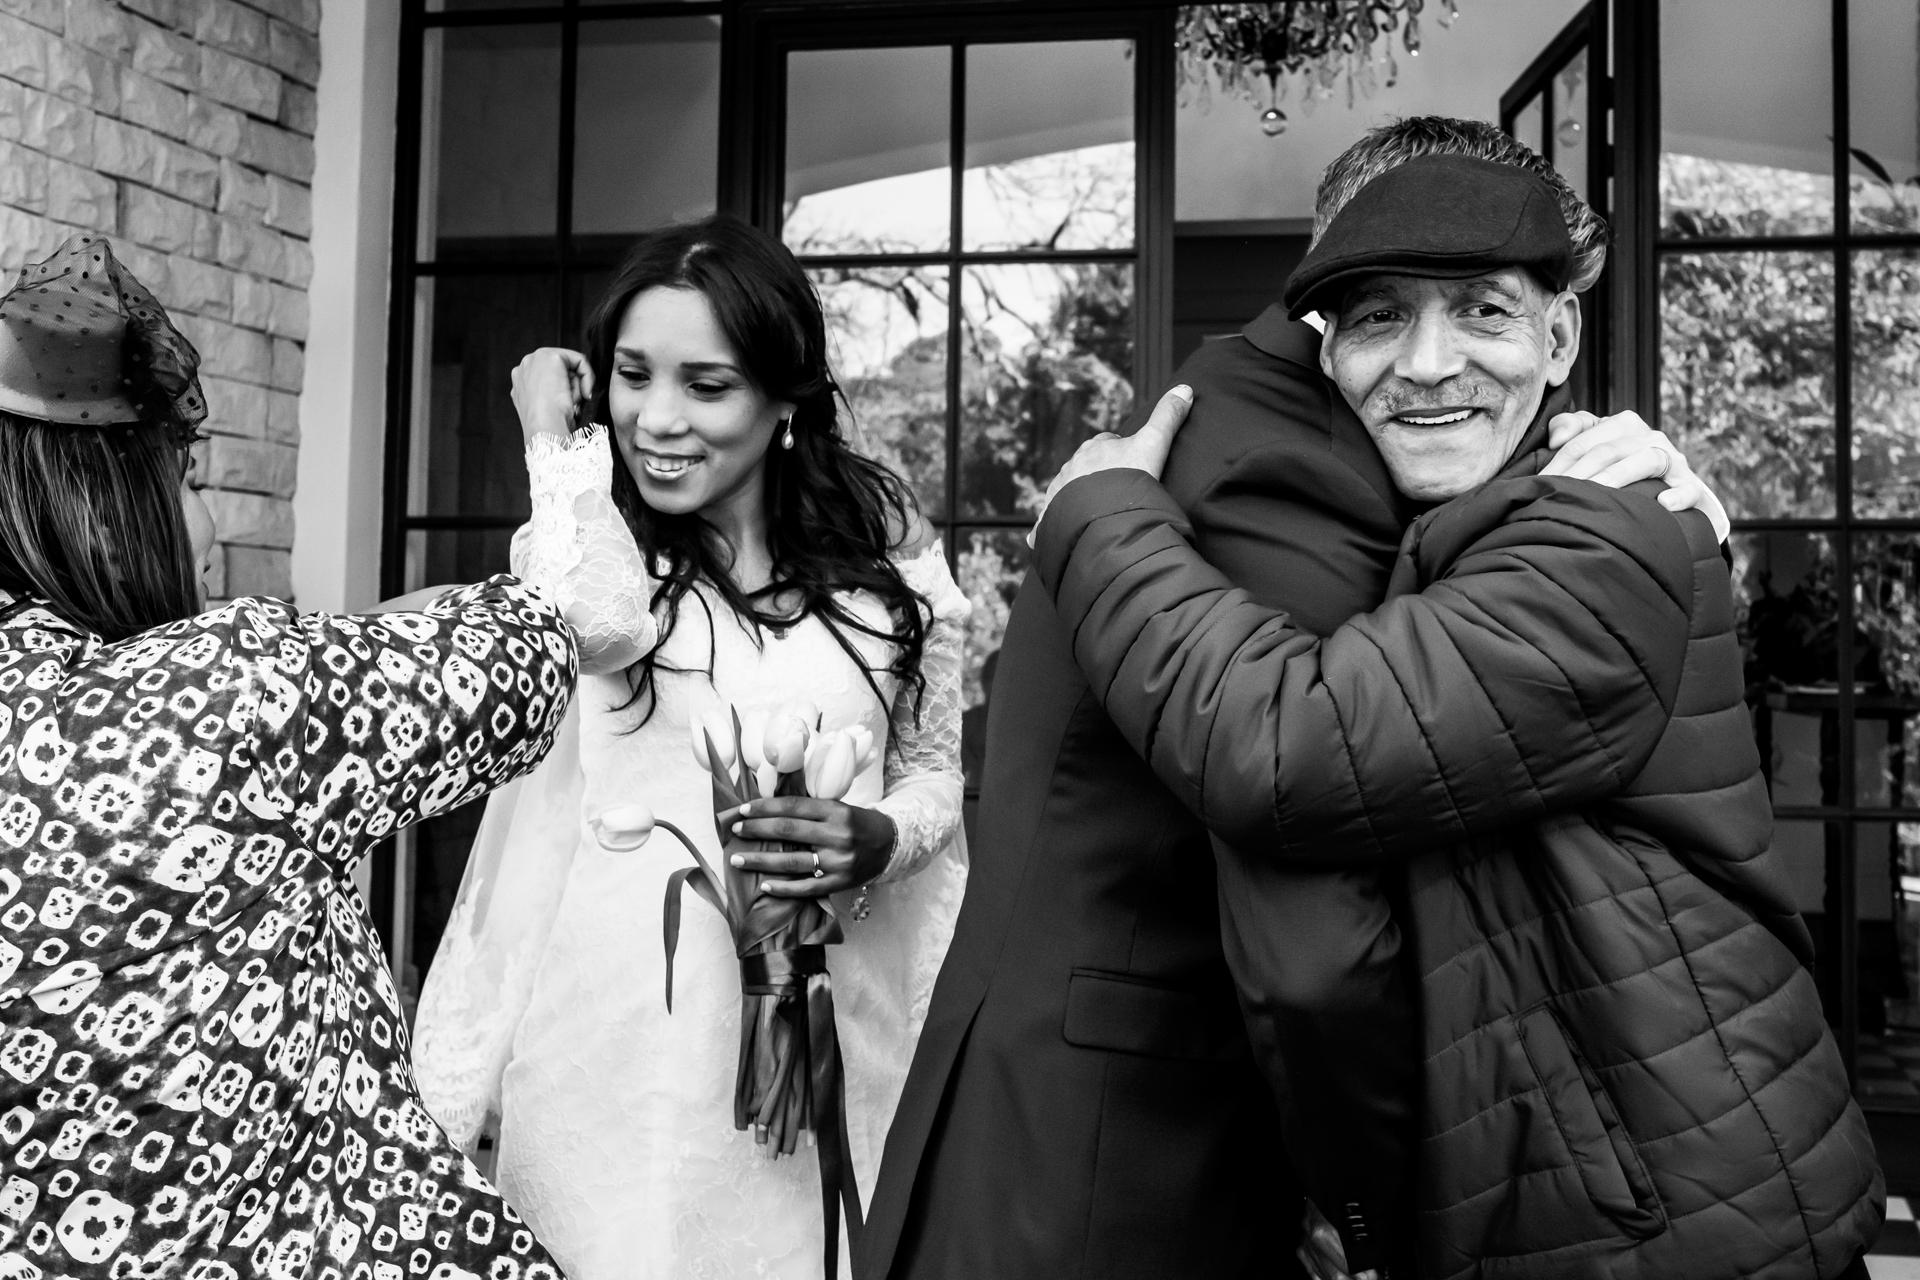 Arambrook Boutique Hotel, Cape Town - Foto di matrimonio di lusso | La famiglia stretta della coppia si congratula con loro